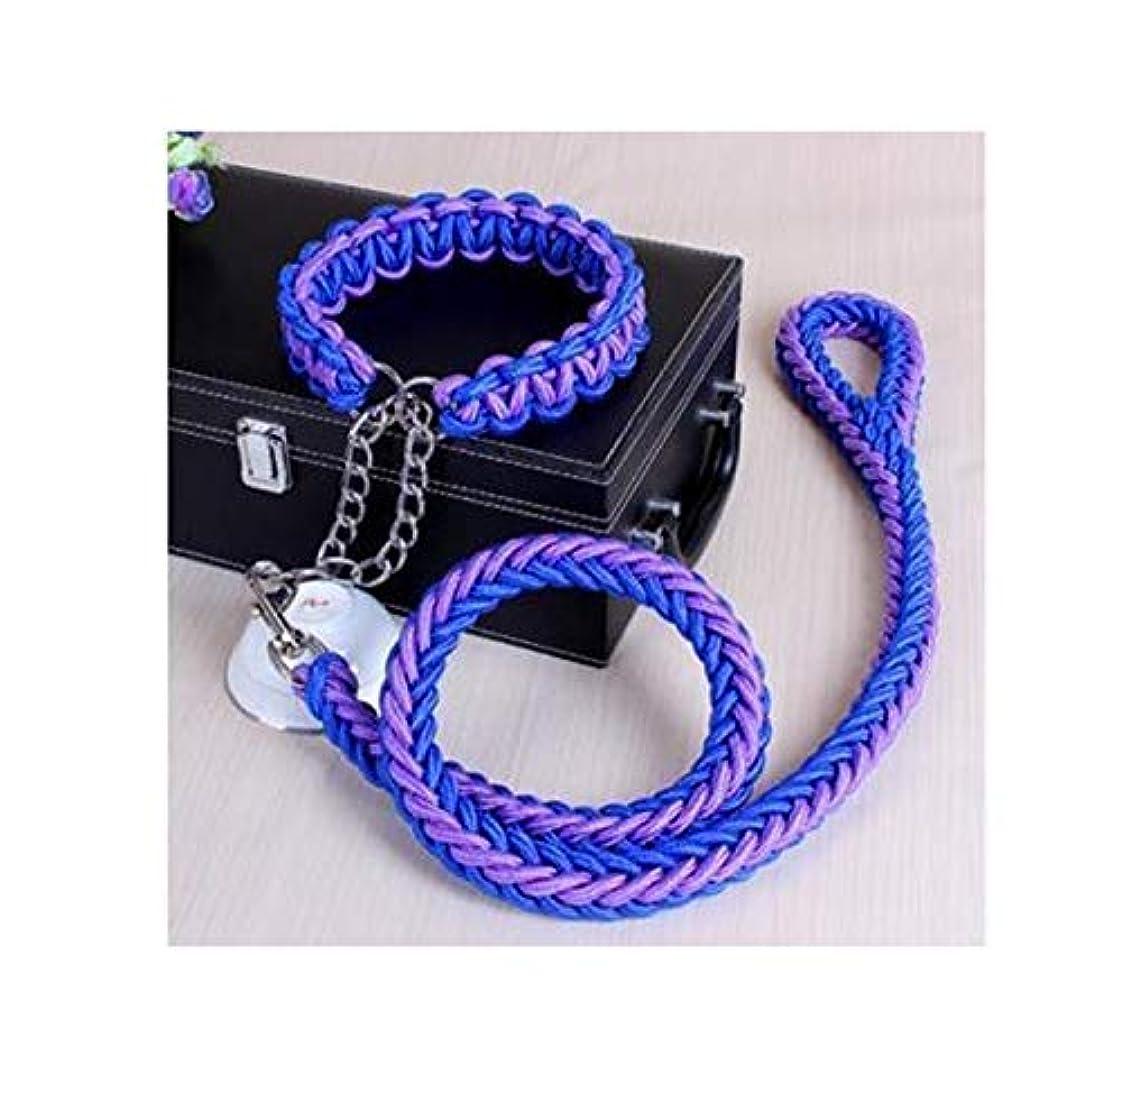 スプーン接続詞抑制EISOON 犬用ハーネス 牽引ロープ 2点セット 胴輪 引っ張り防止 首輪 ペット用品 トラクションロープ 散歩 訓練 小型犬 中型犬 大型犬 軽量 通気性